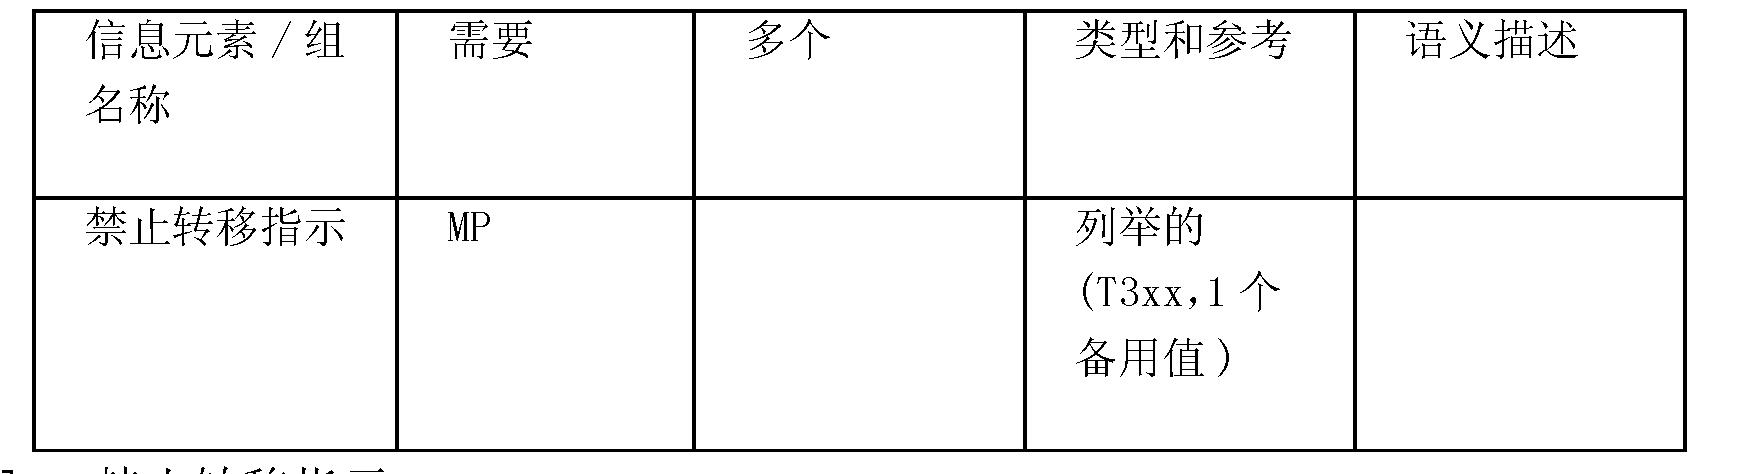 Figure CN101911816BD00221